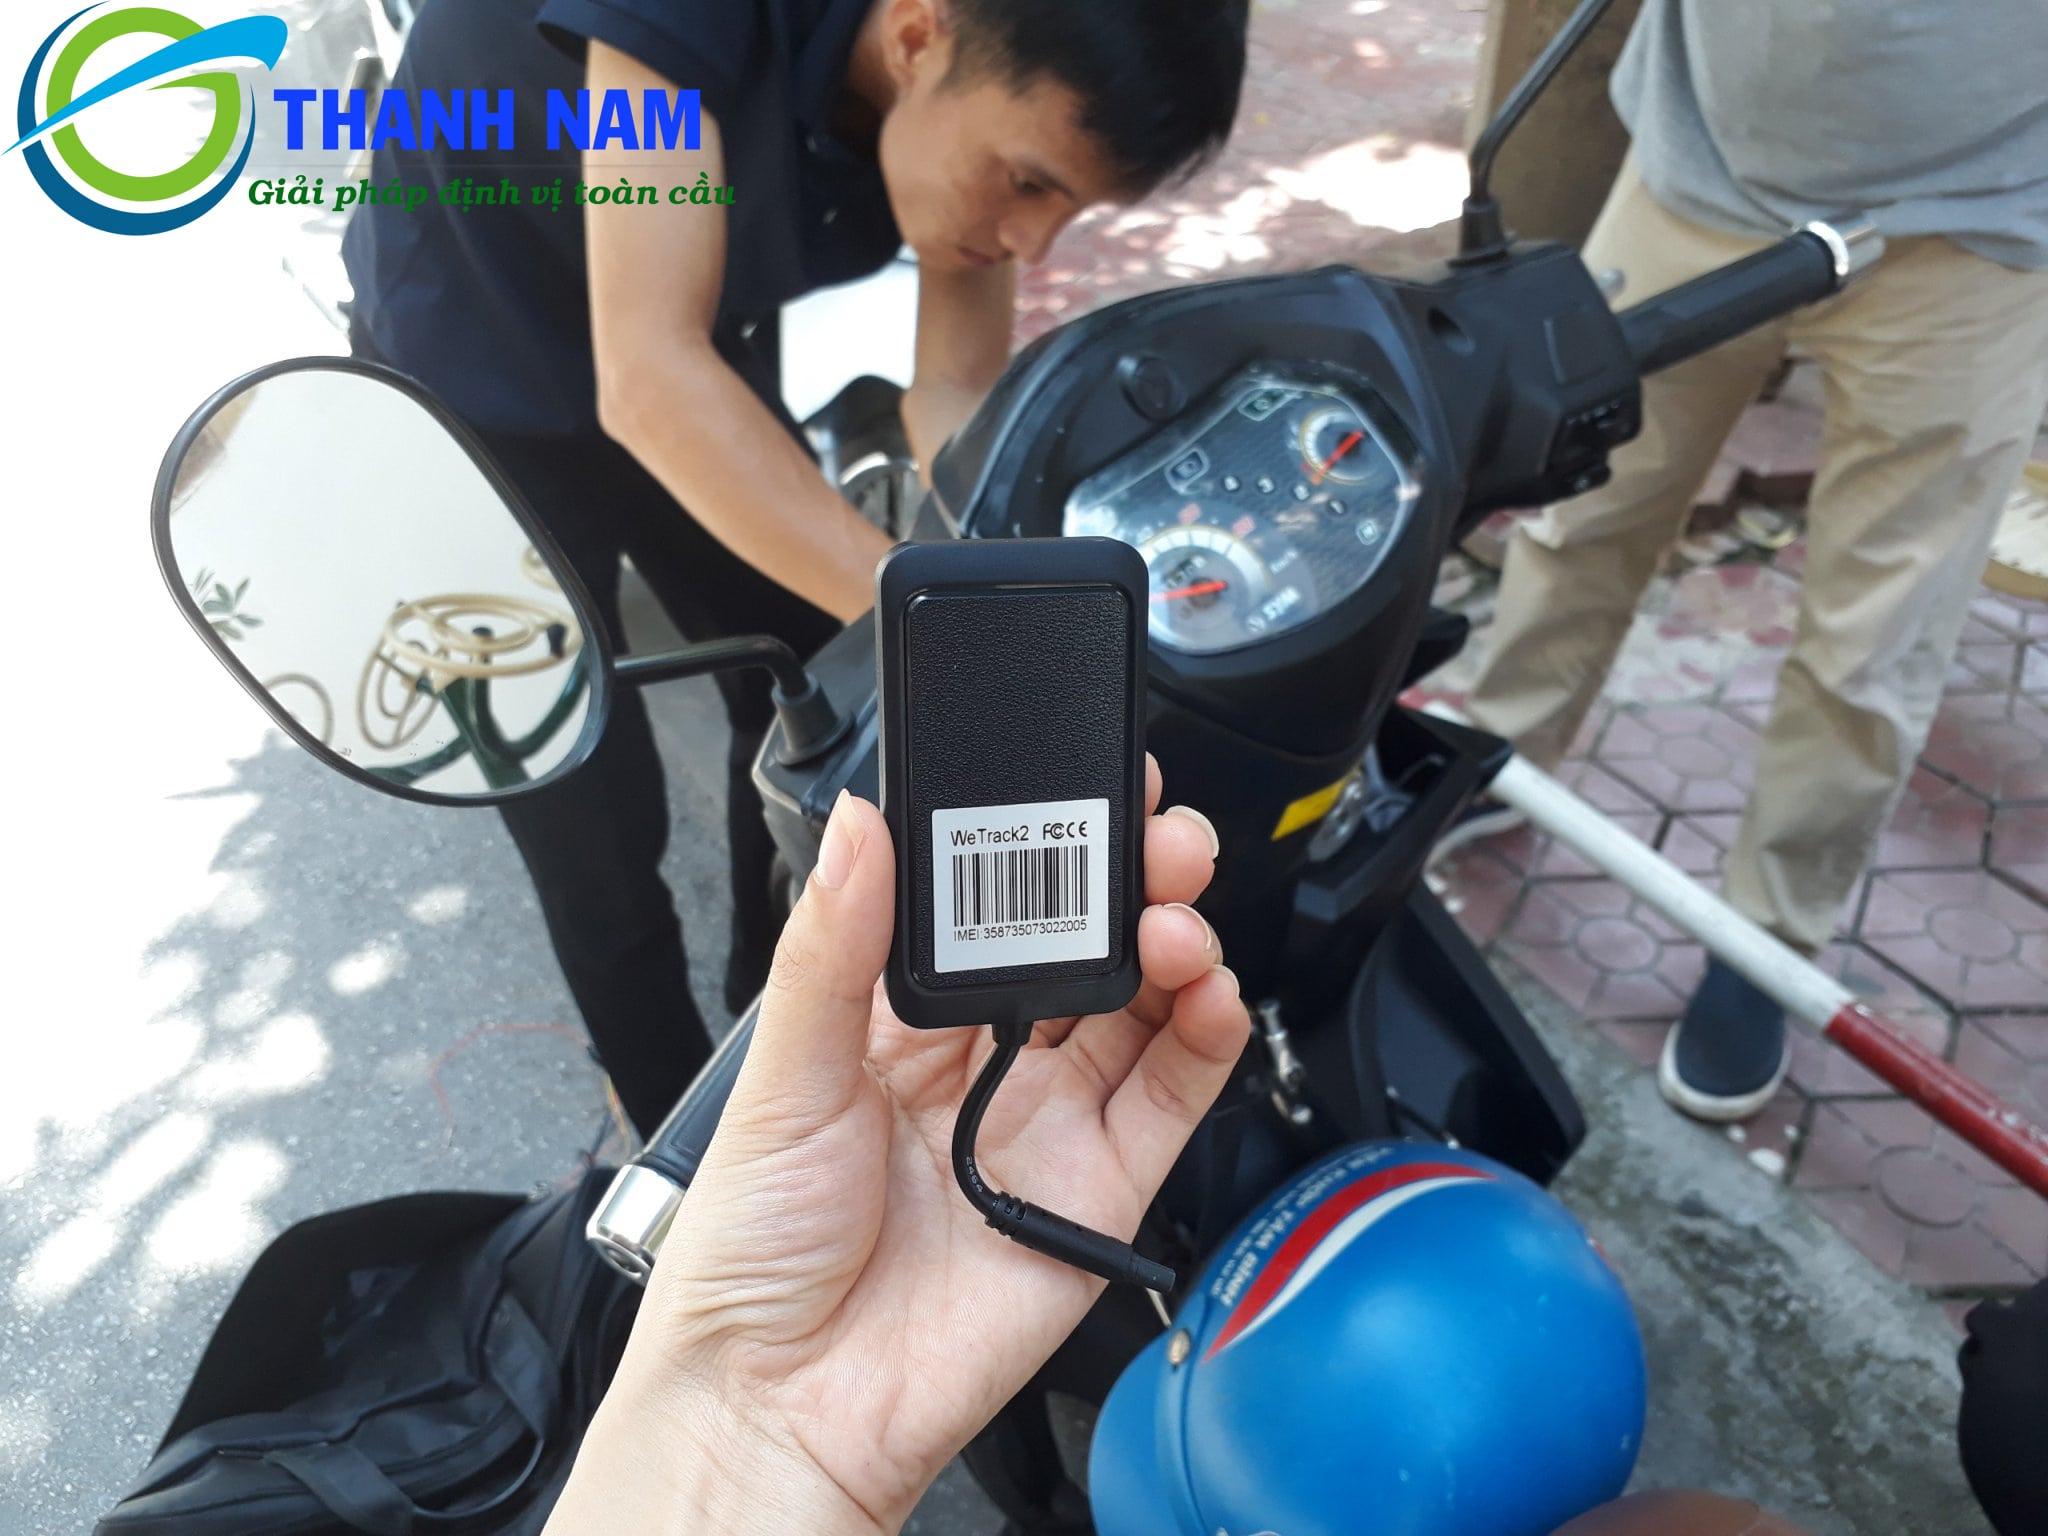 địa chỉ lắp thiết bị định vị xe máy tại hà nội uy tín - chính hãng